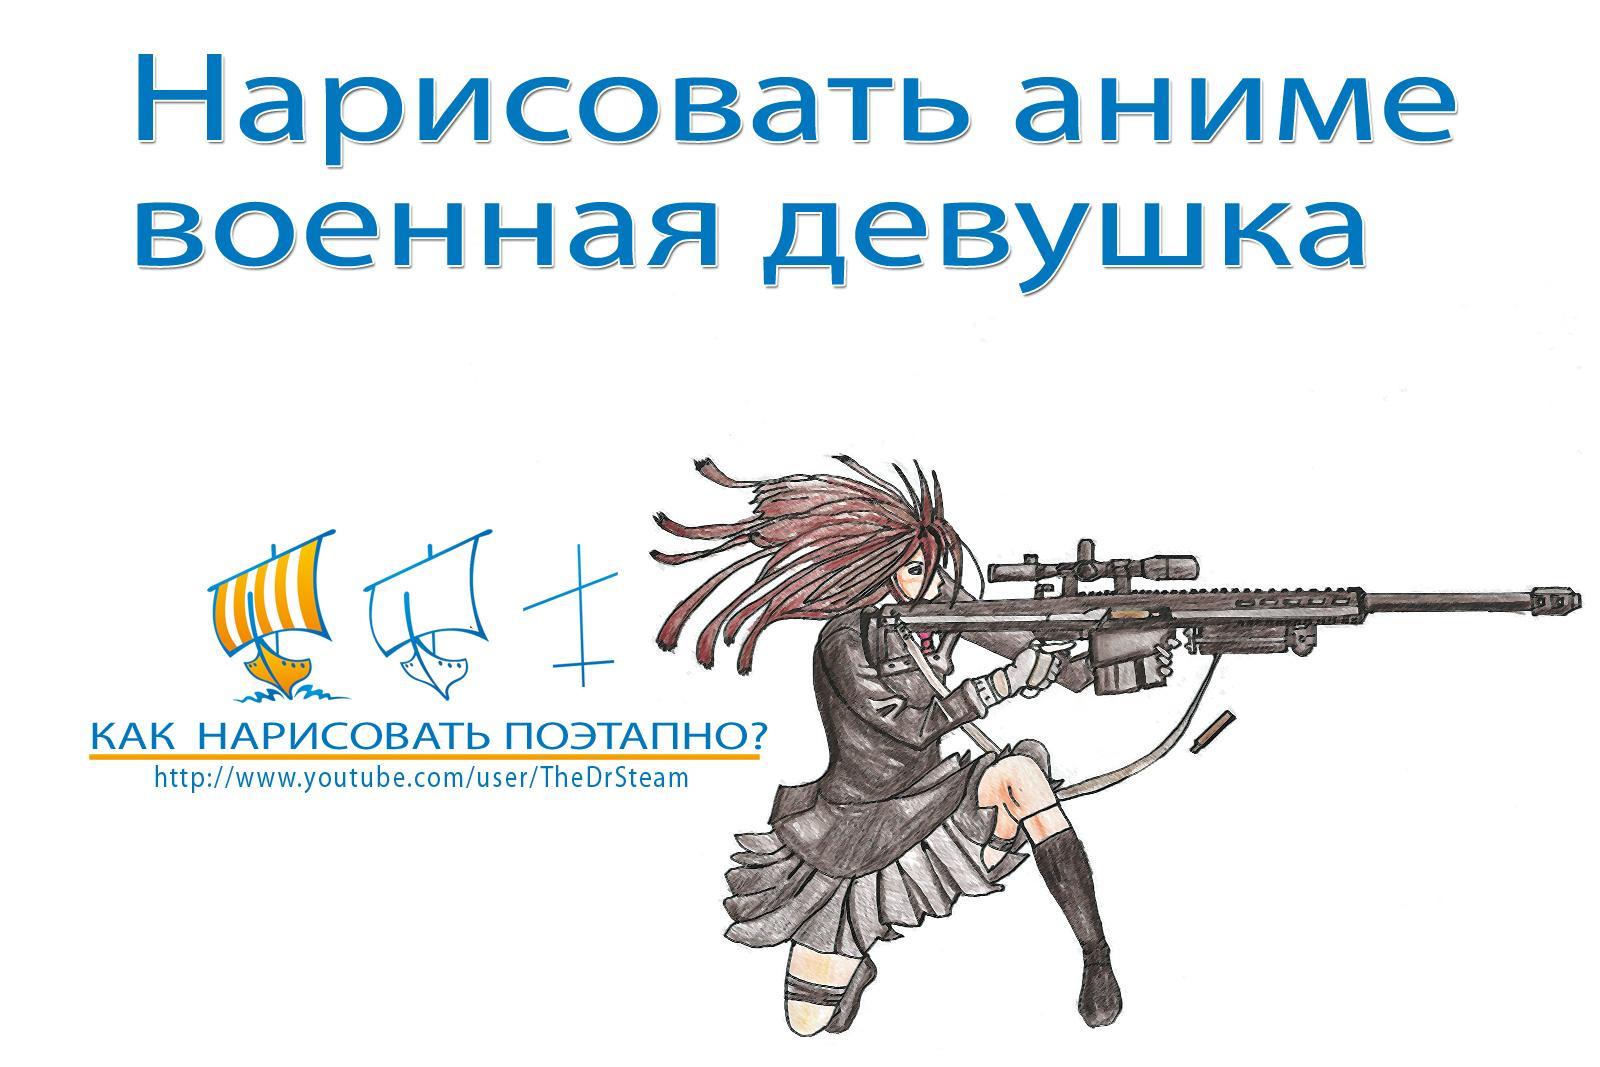 Видео: нарисованная аниме военная девушка